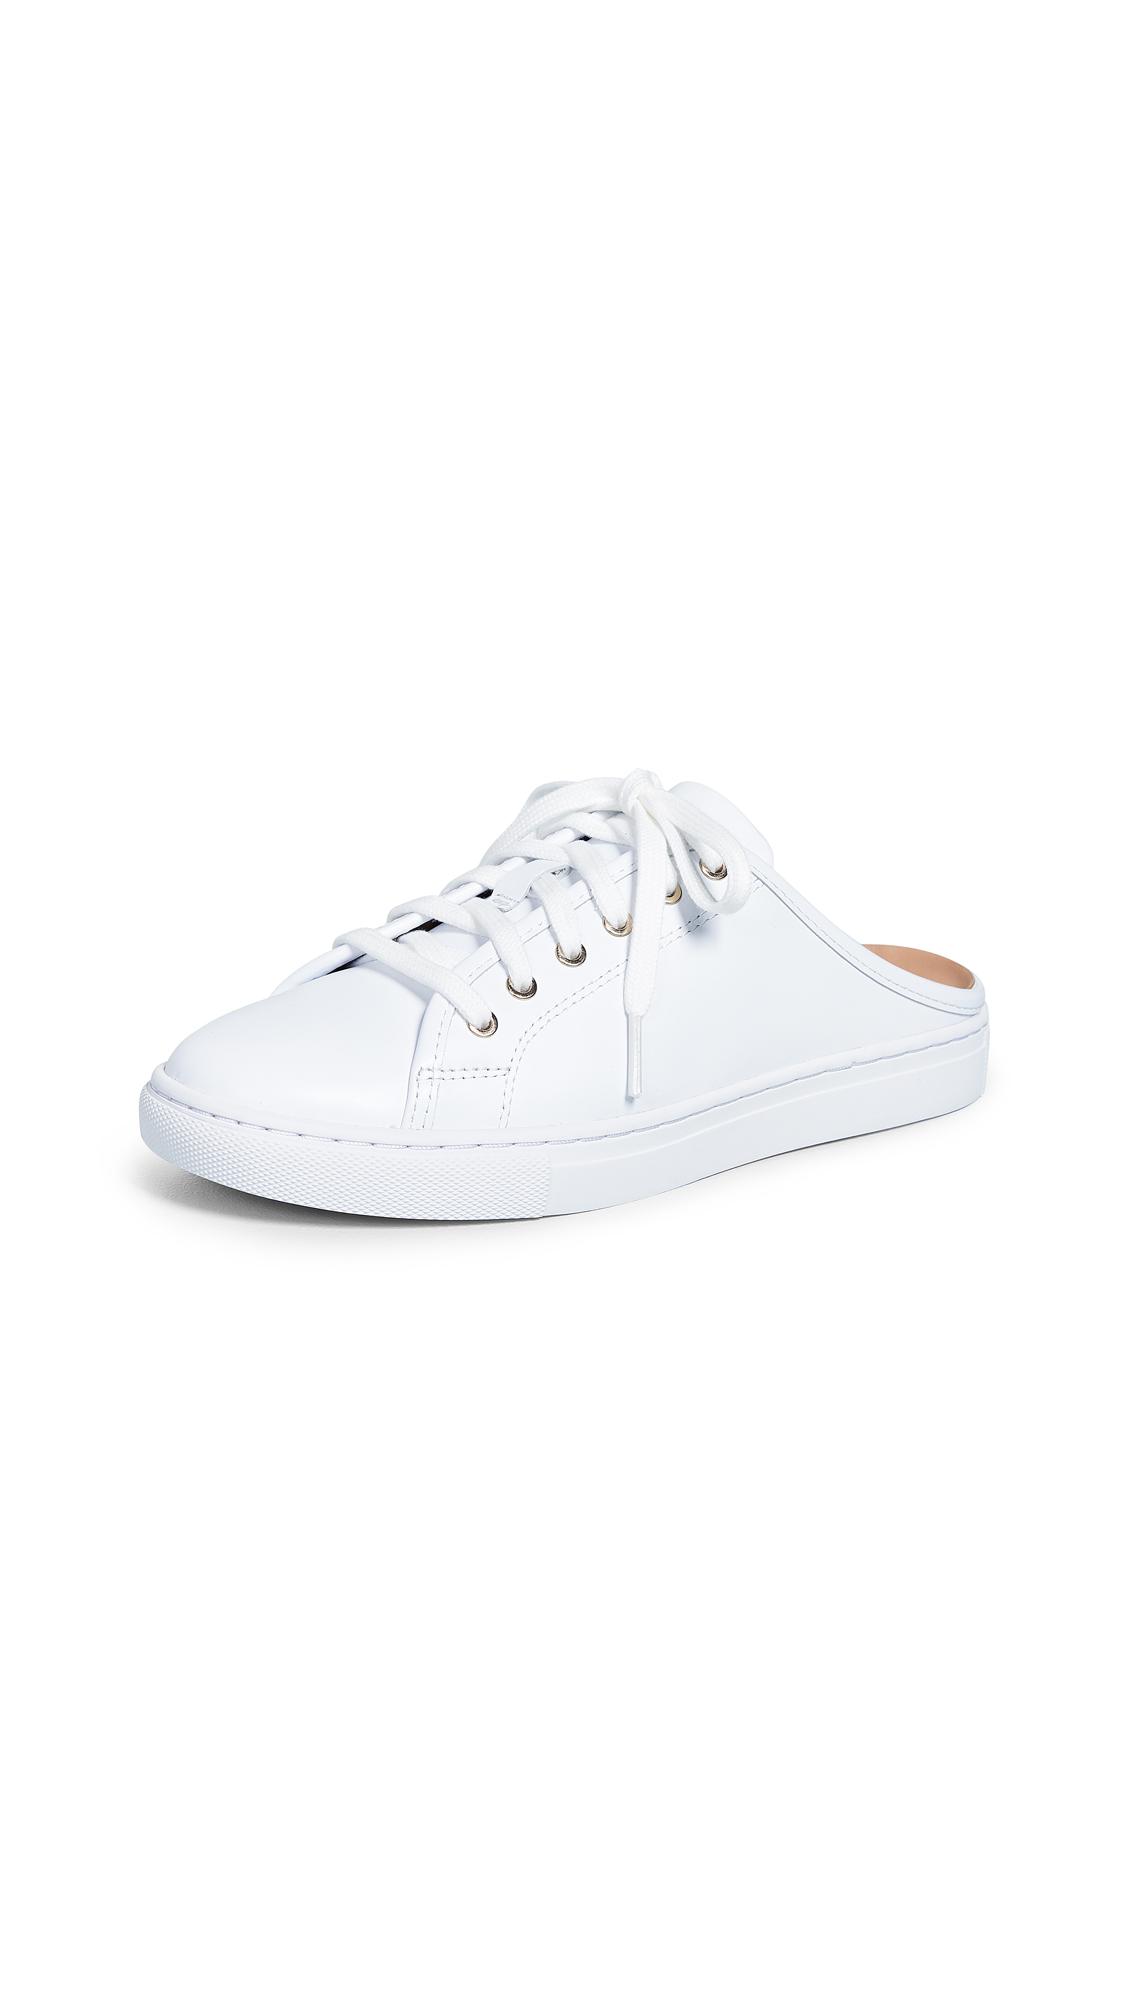 Club Monaco Jamila Sneakers - White